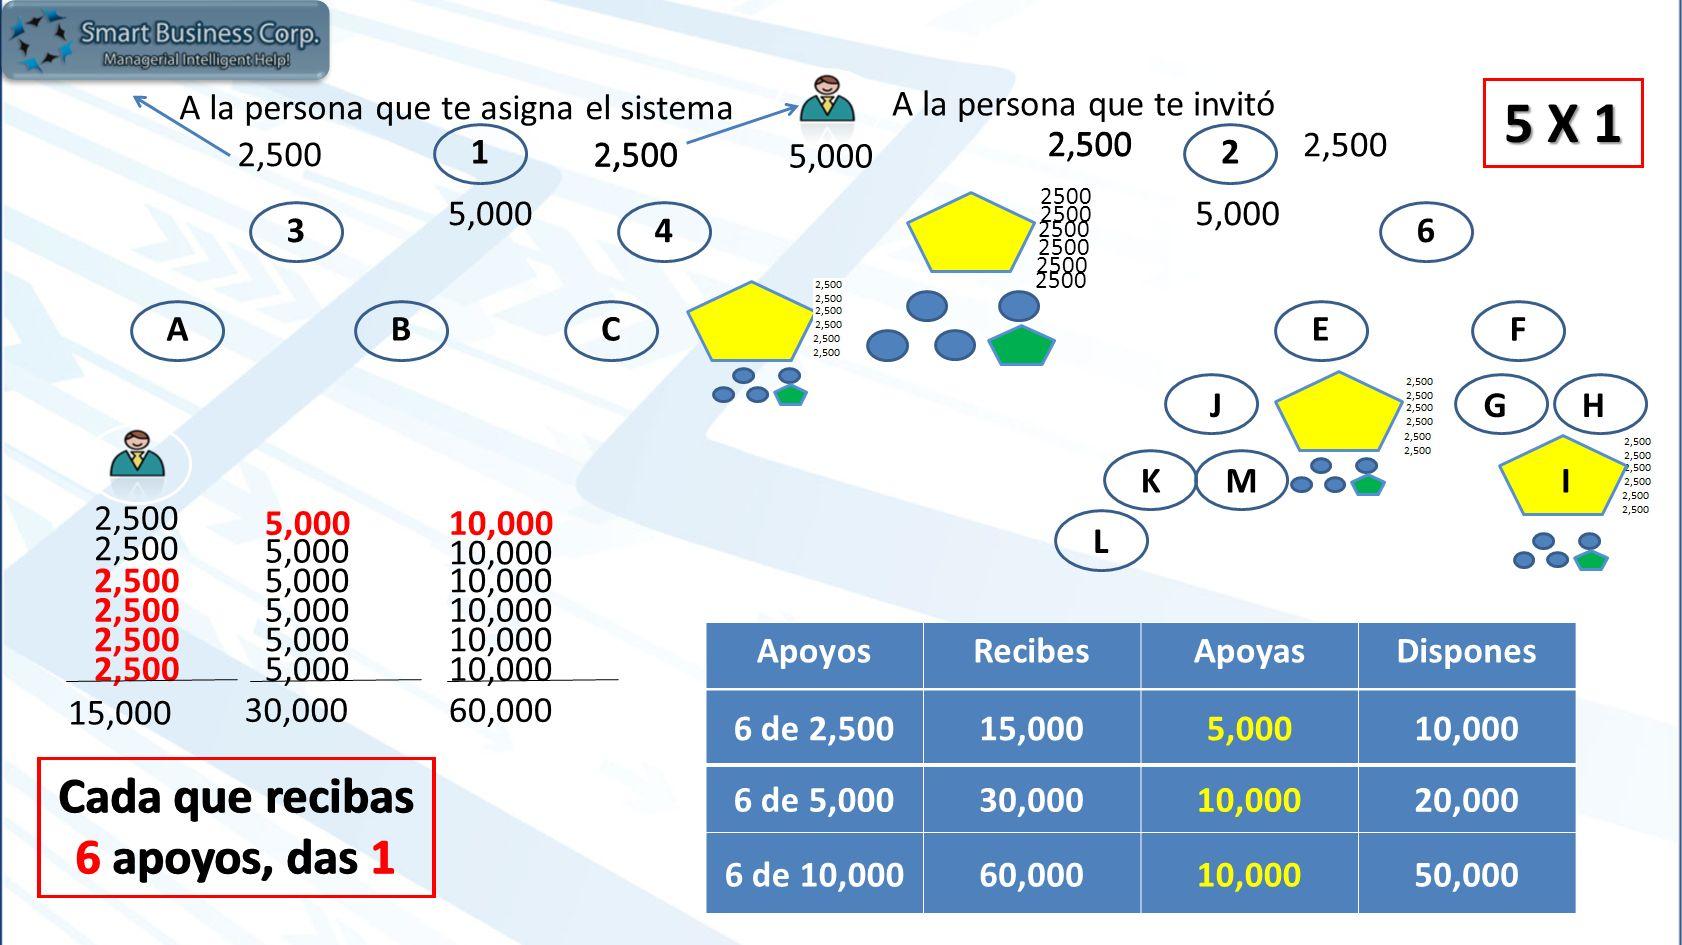 12 3456 ABCDEF GH KM L J N 5,000 2,500 5 X 1 2,500 5,000 2,500 15,000 5,000 30,000 10,000 60,000 Cada que recibas 6 apoyos, das 1 Cada que recibas 6 apoyos, das 1 2500 ApoyosRecibesApoyasDispones 6 de 5,00030,00010,00020,000 6 de 2,50015,0005,00010,000 6 de 10,00060,00010,00050,000 5,000 2,500 A la persona que te invitó 2,500 A la persona que te asigna el sistema I